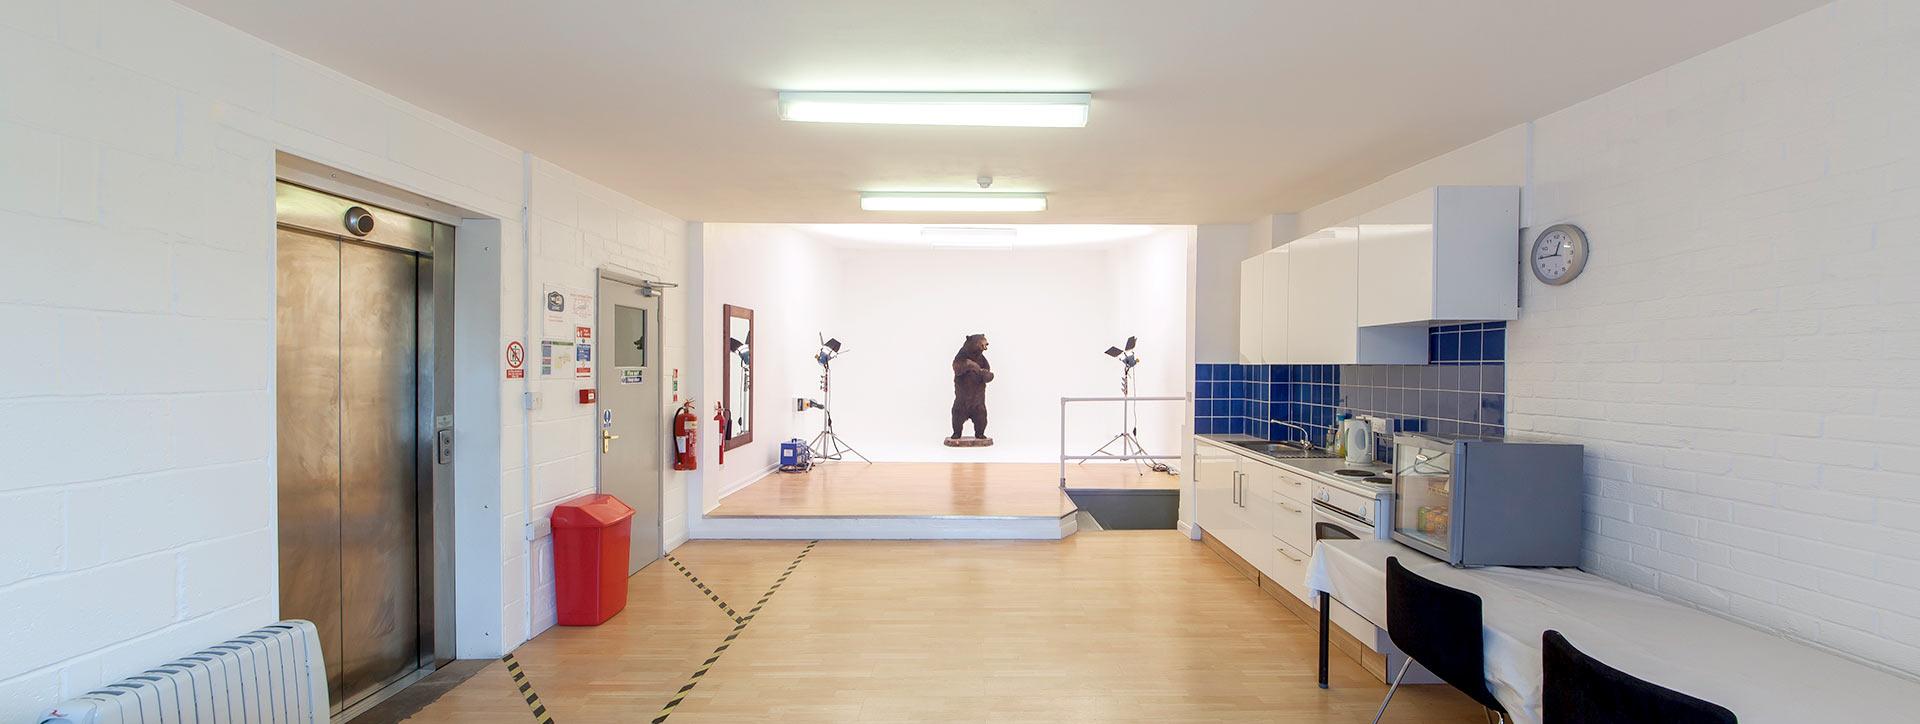 studio-4-1